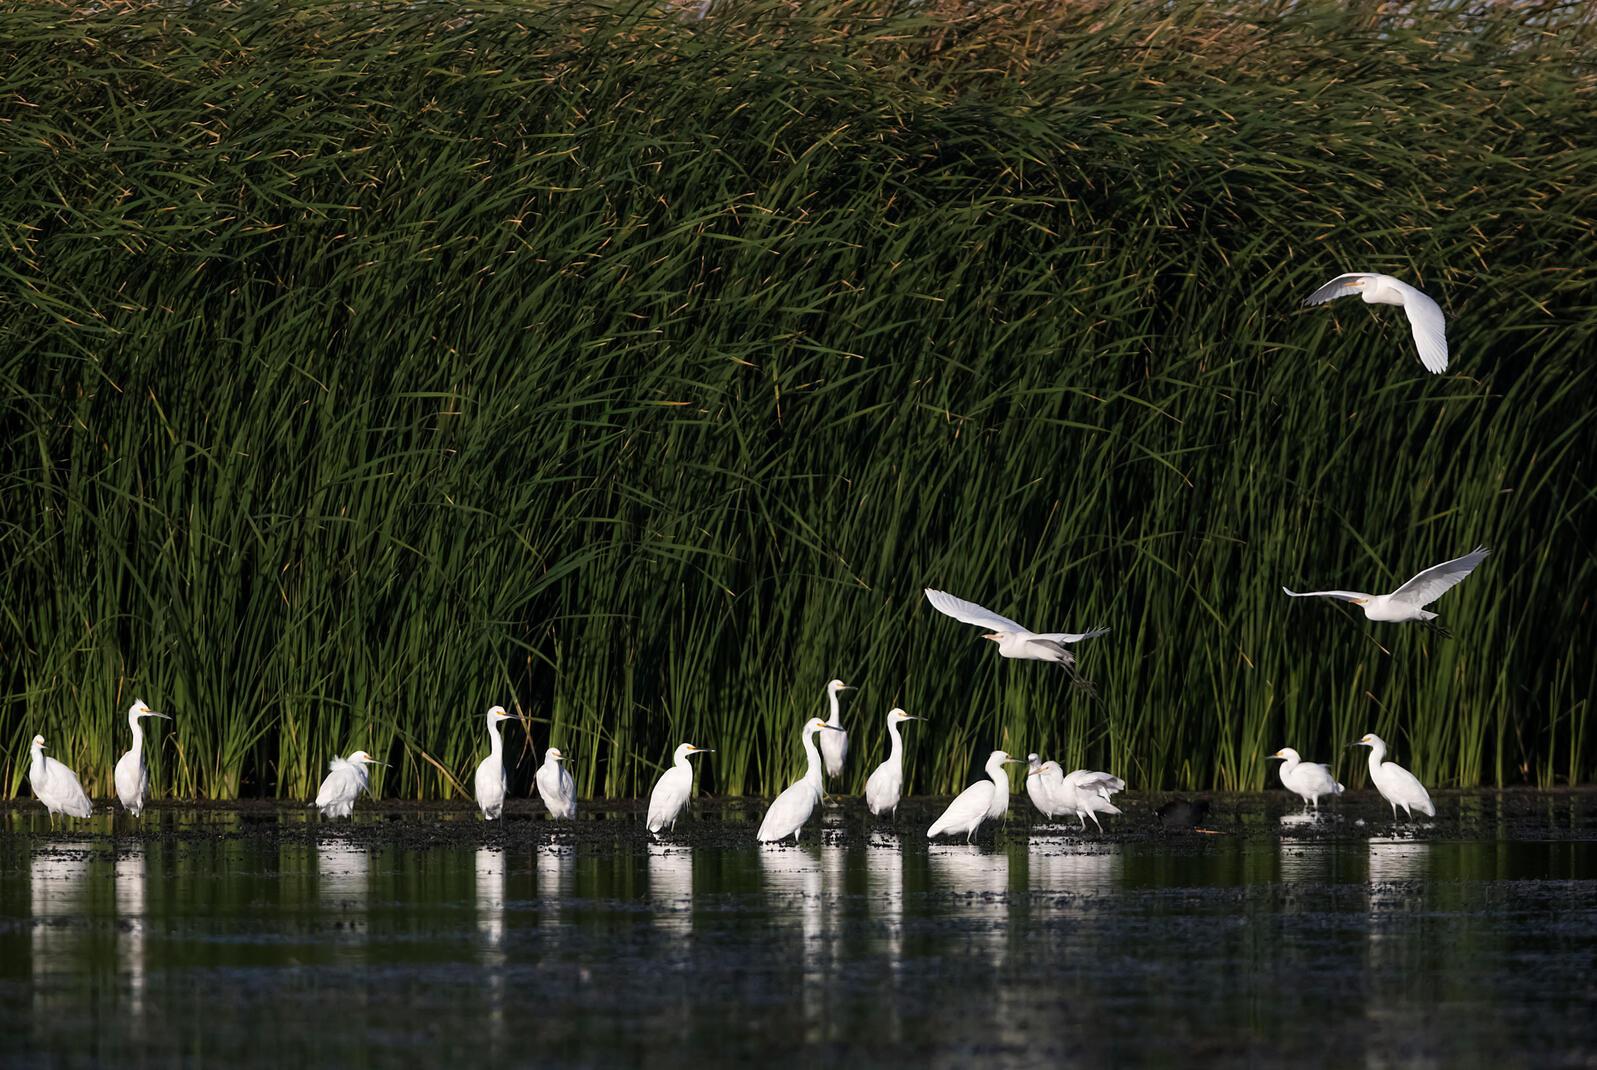 Garza Boyera y Garceta Nivosa en la Ciénega de Santa Clara, los pantanos más grandes que aún quedan en el Dela del Río Colorado. Claudio Contreras Koob